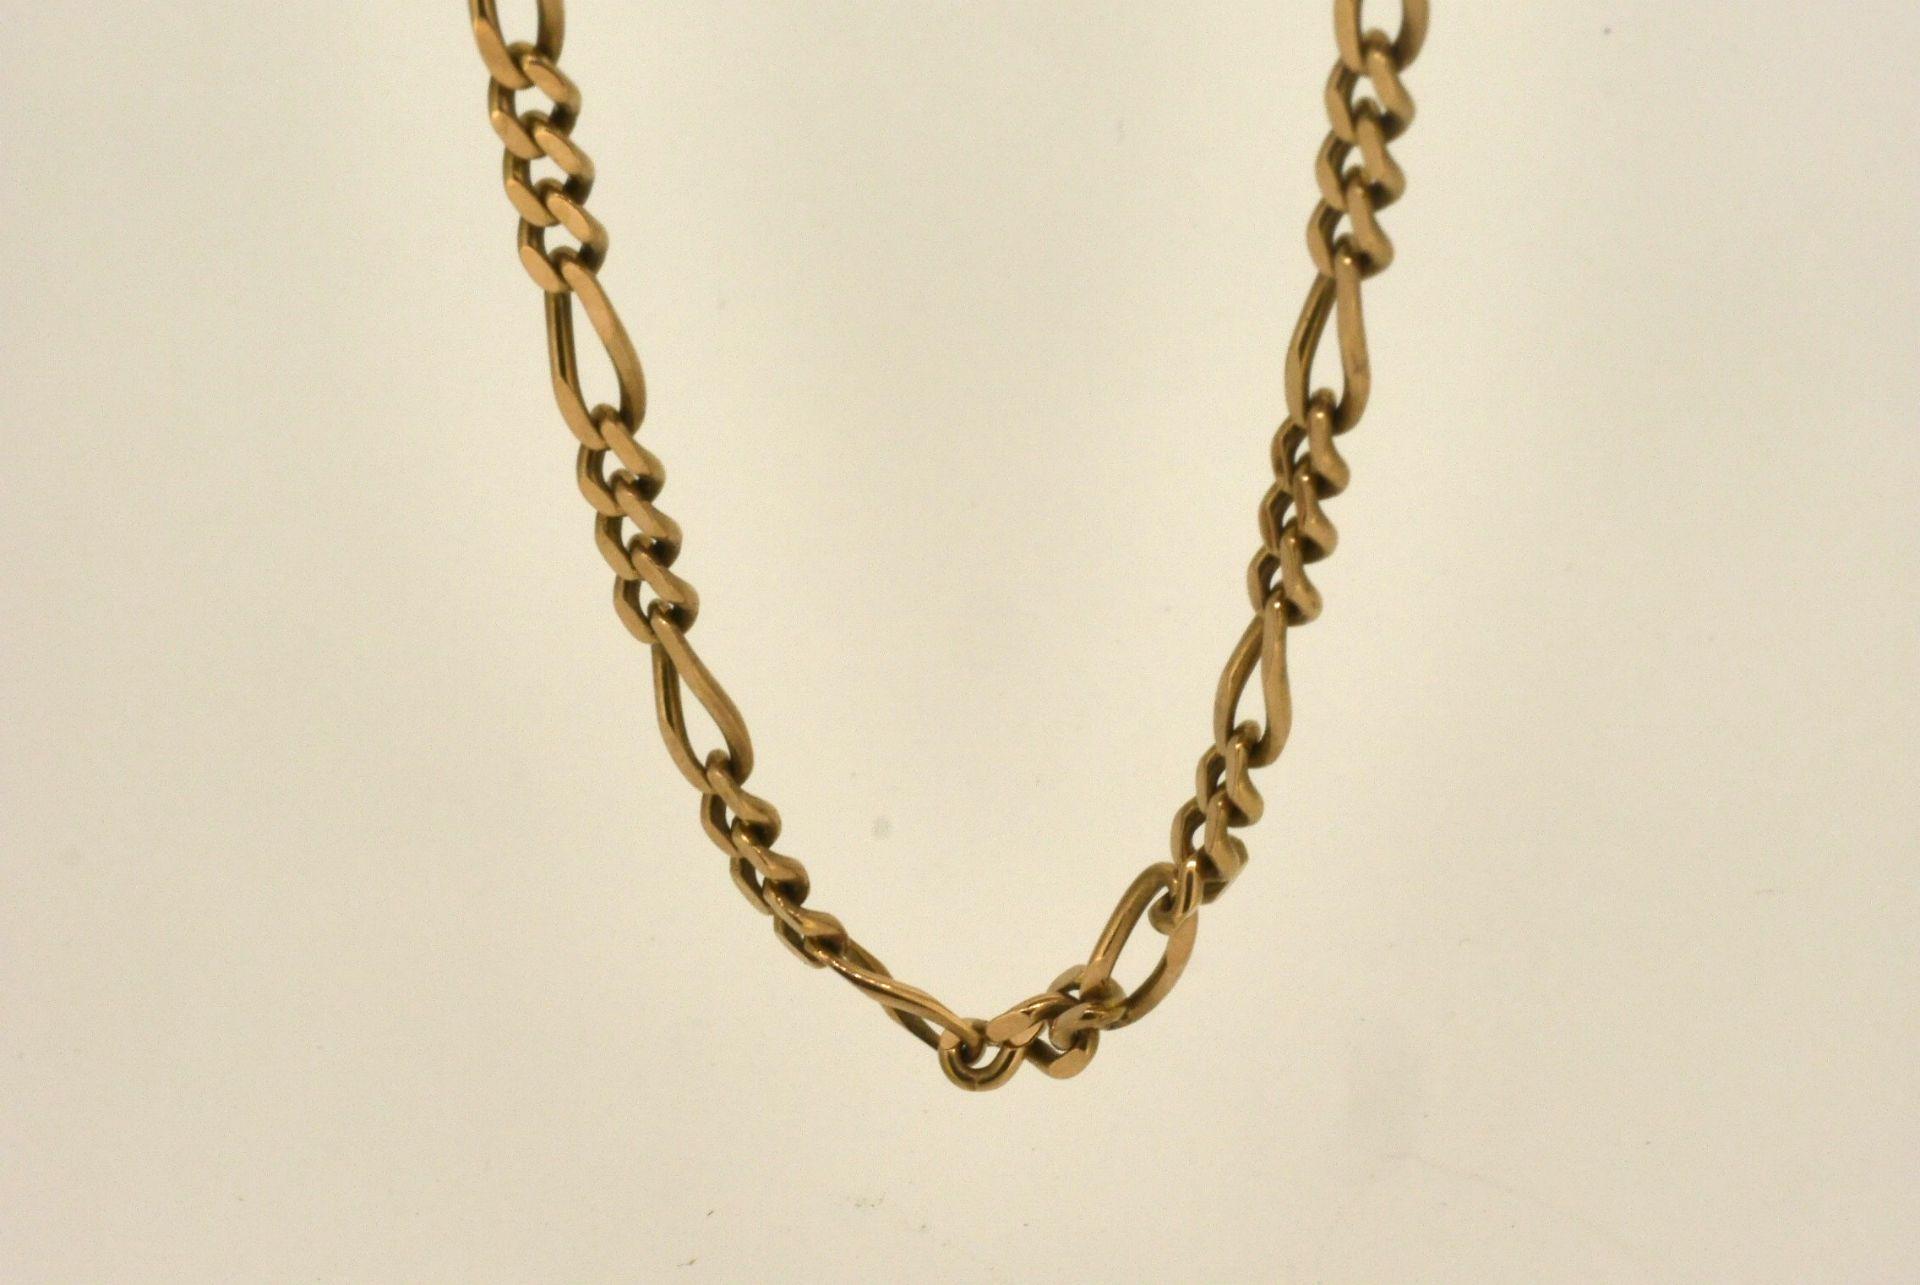 Halskette RG 333, 48 cm, 11,4 Gramm